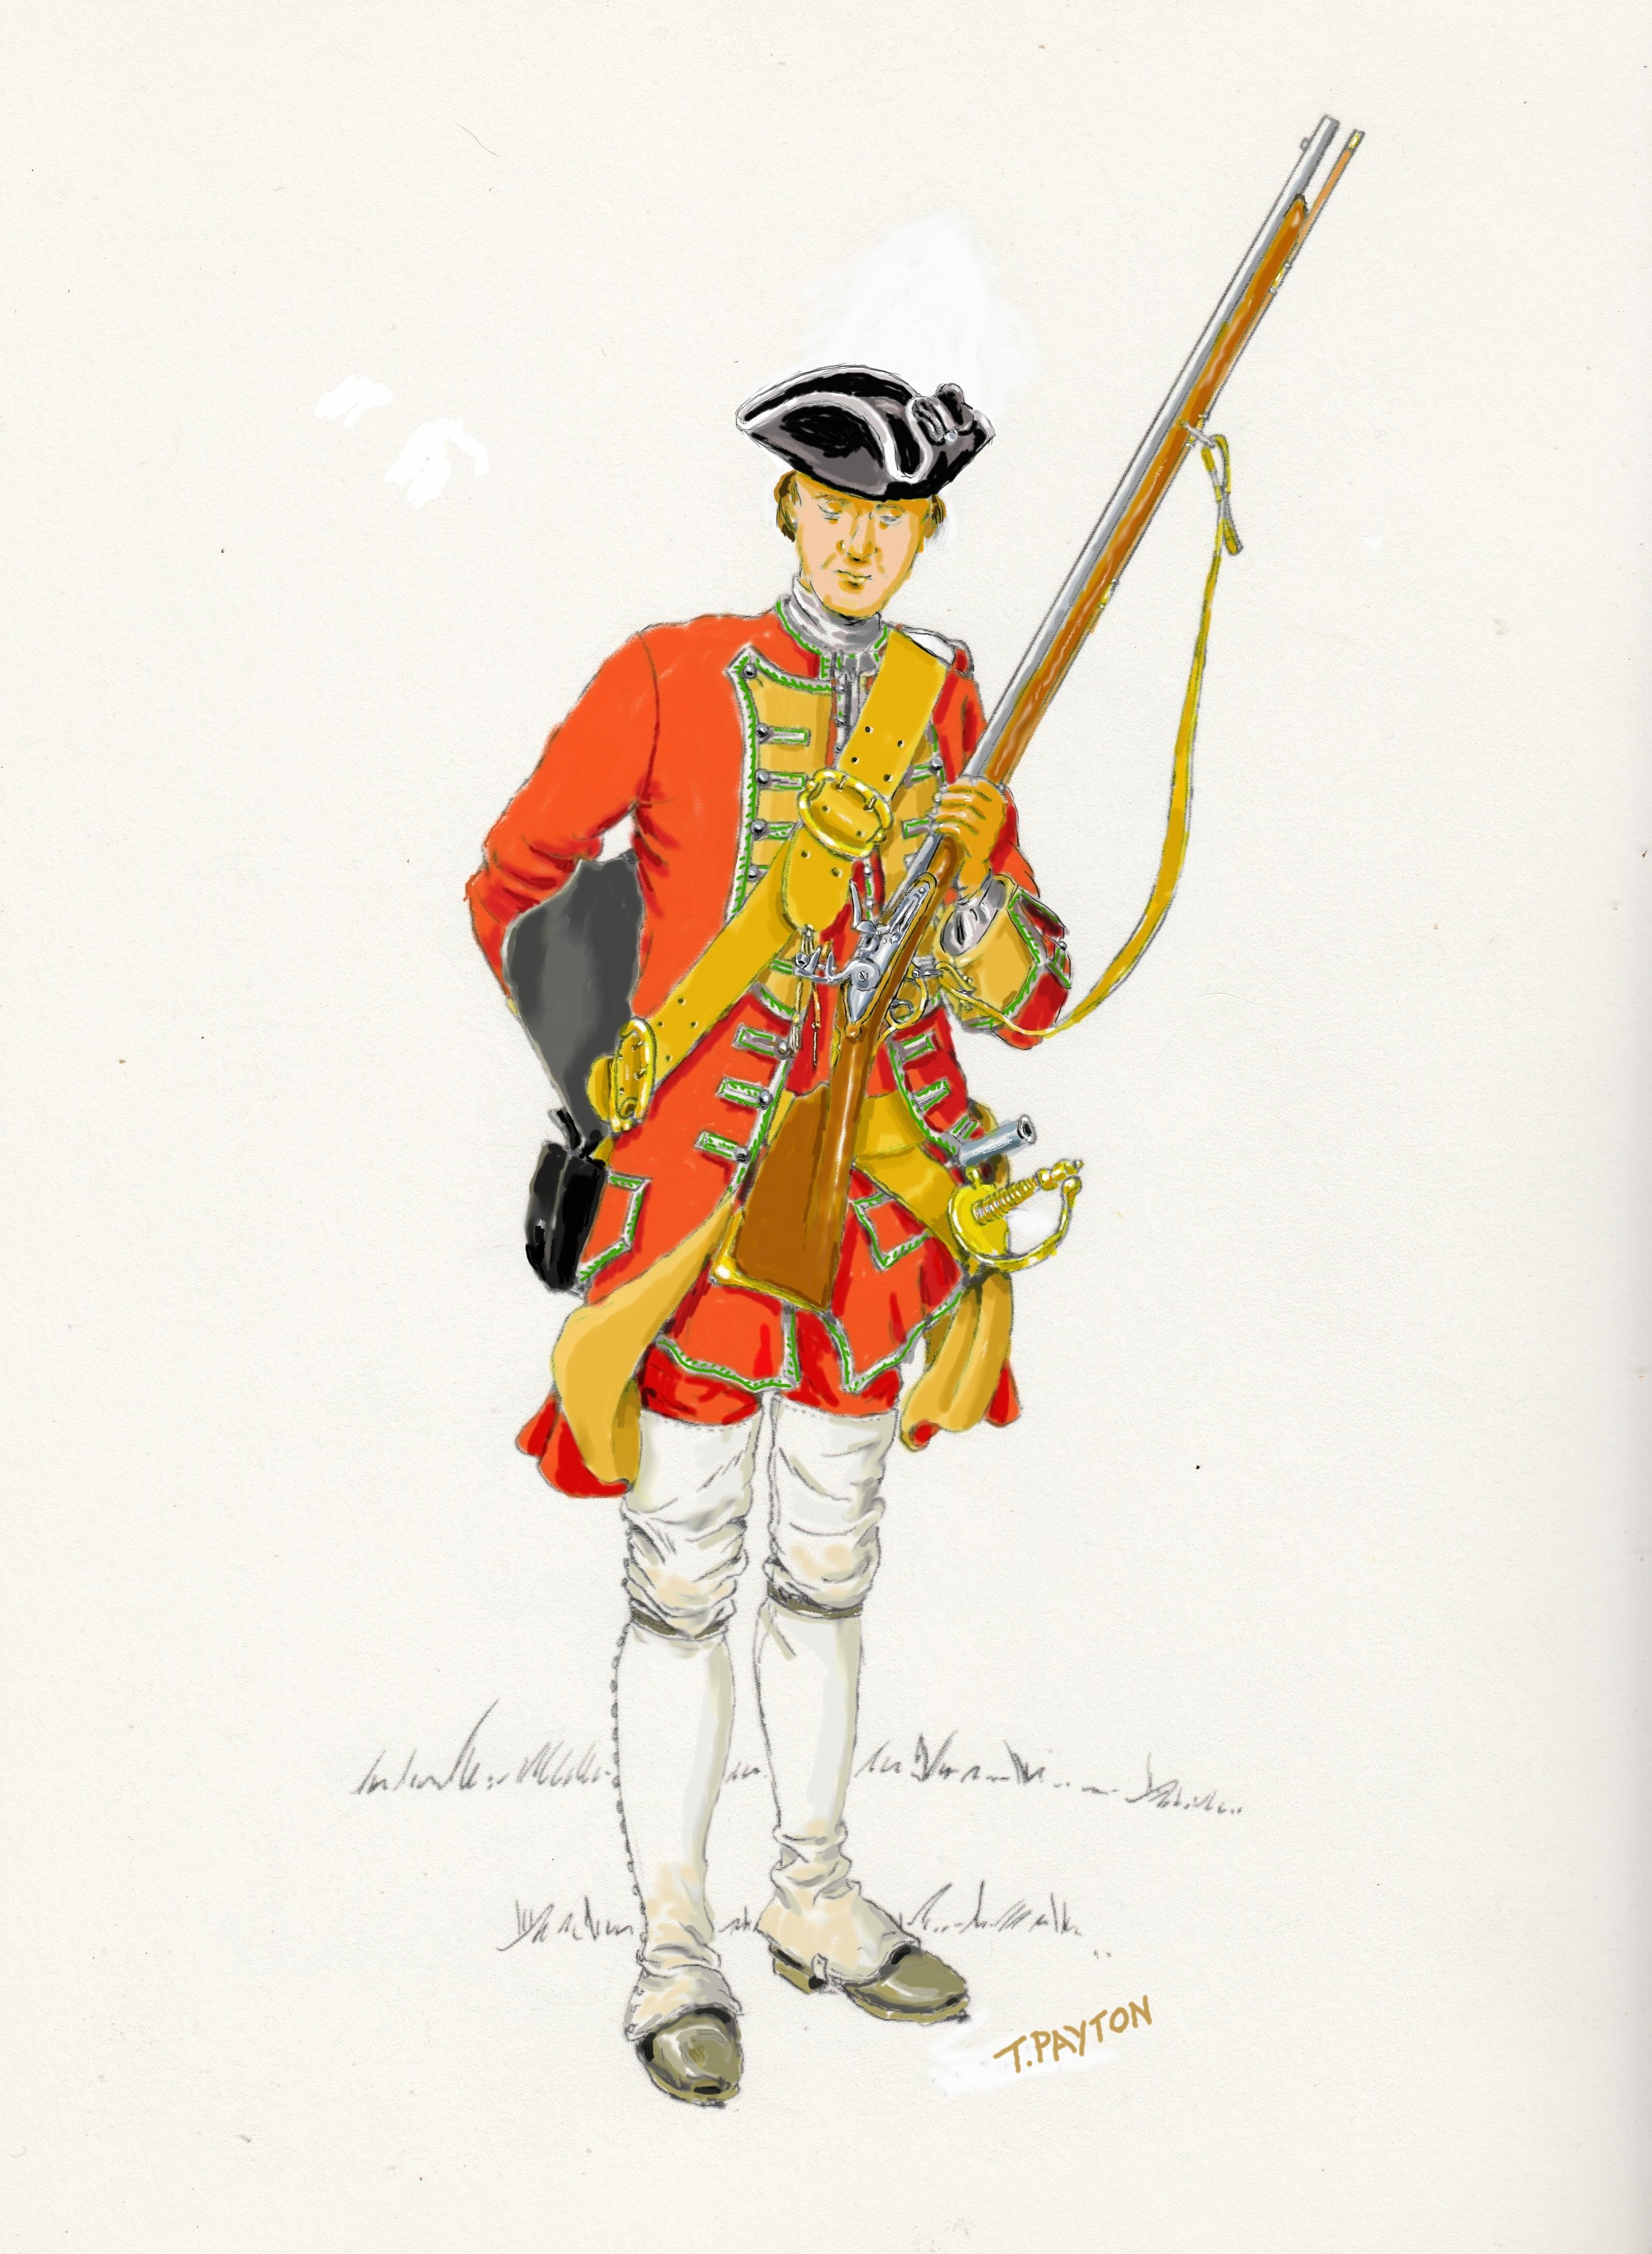 British 48th Regiment of Foot, 1755 by OrlopRat